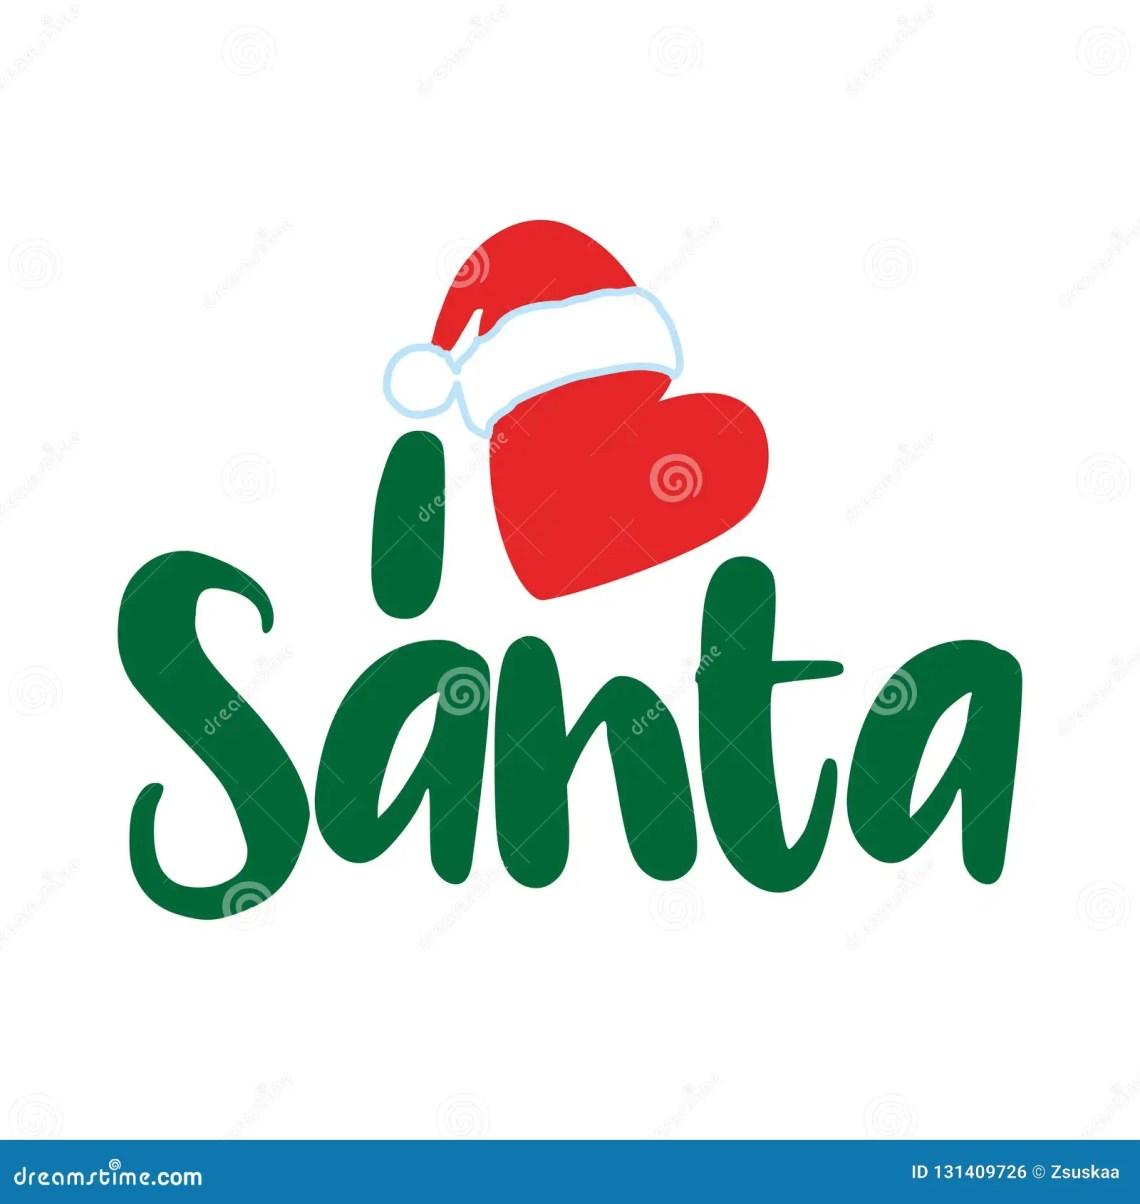 Download I Love Santa - Santa`s Calligraphy Phrase For Christmas ...